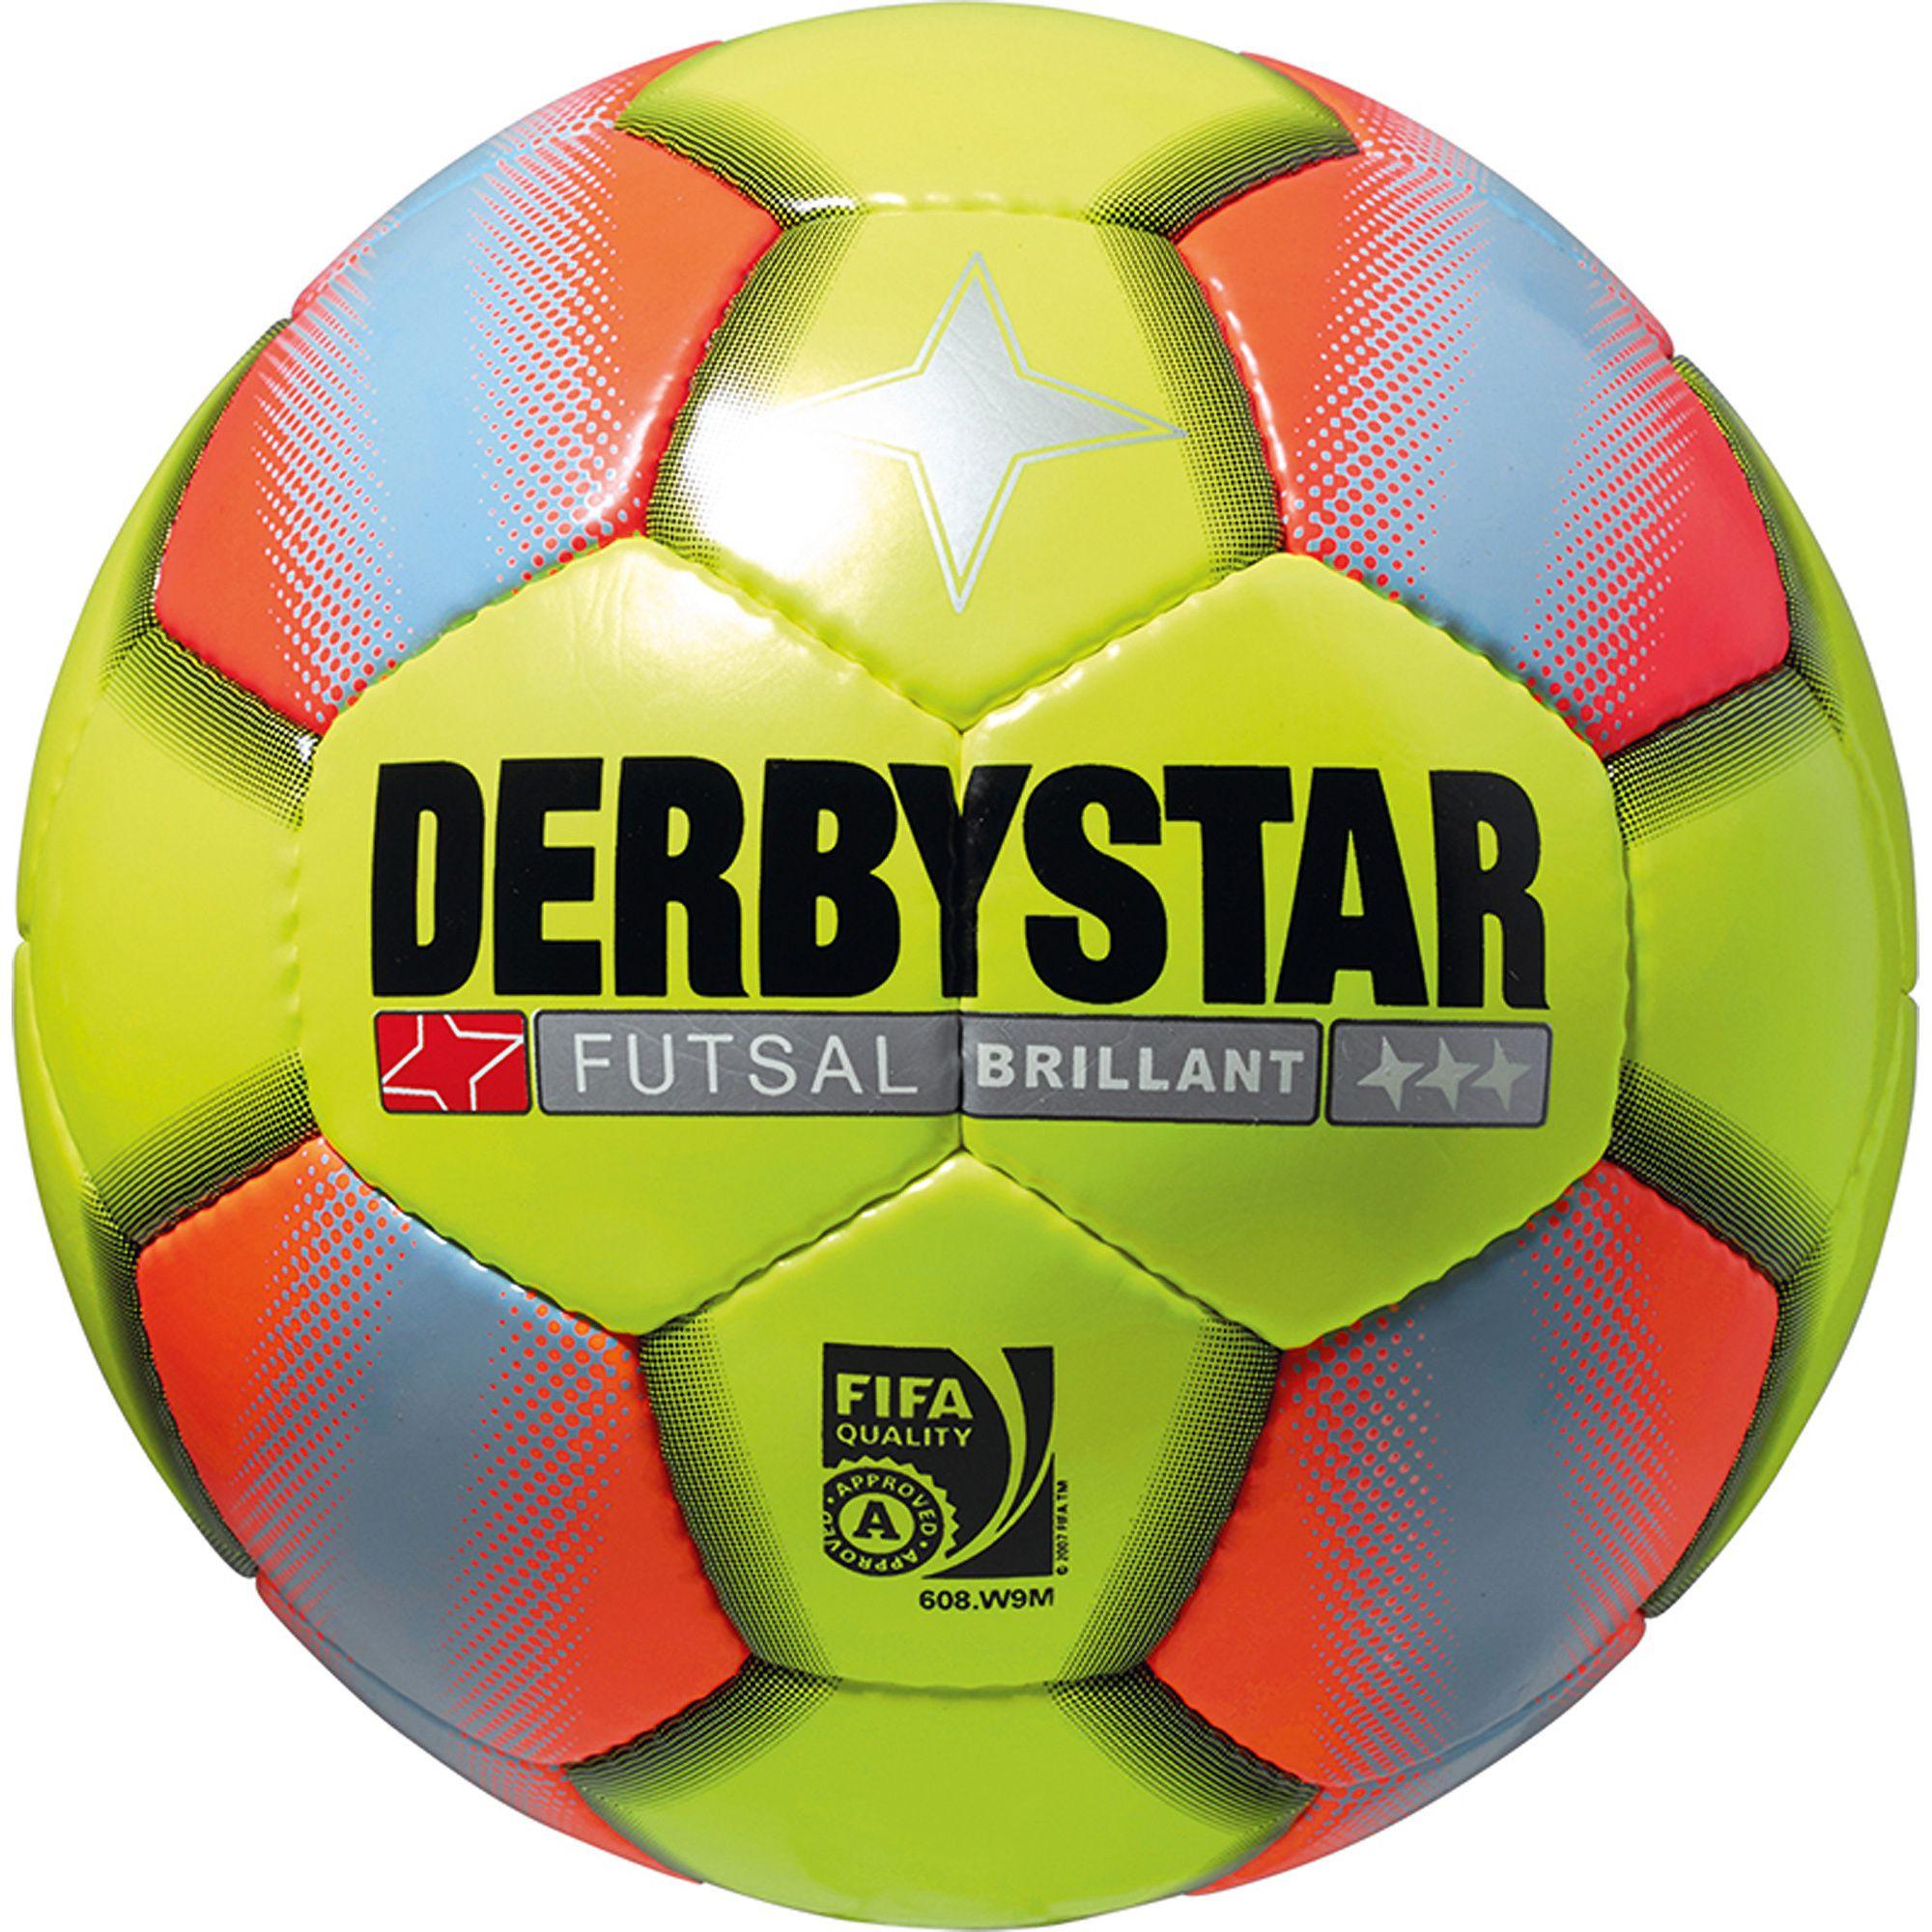 DERBYSTAR  Futsal Brillant Fußball